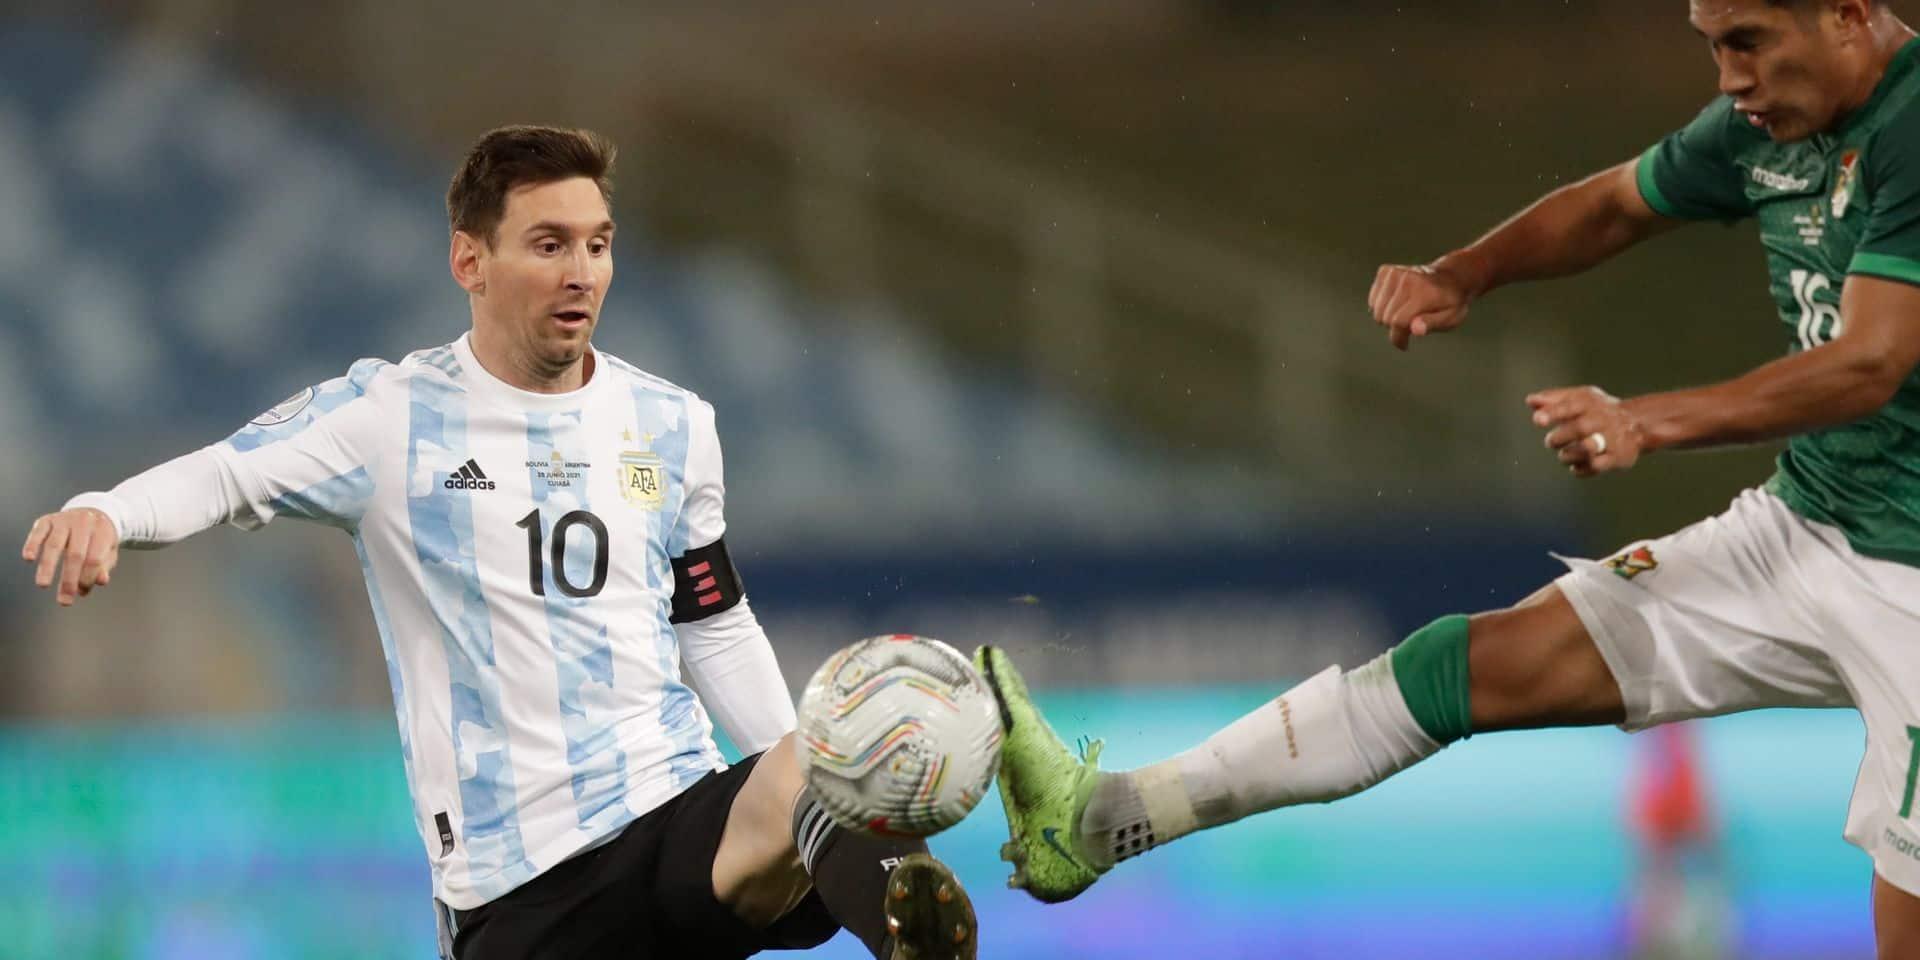 Lionel Messi fête son record de sélections avec un doublé contre la Bolivie